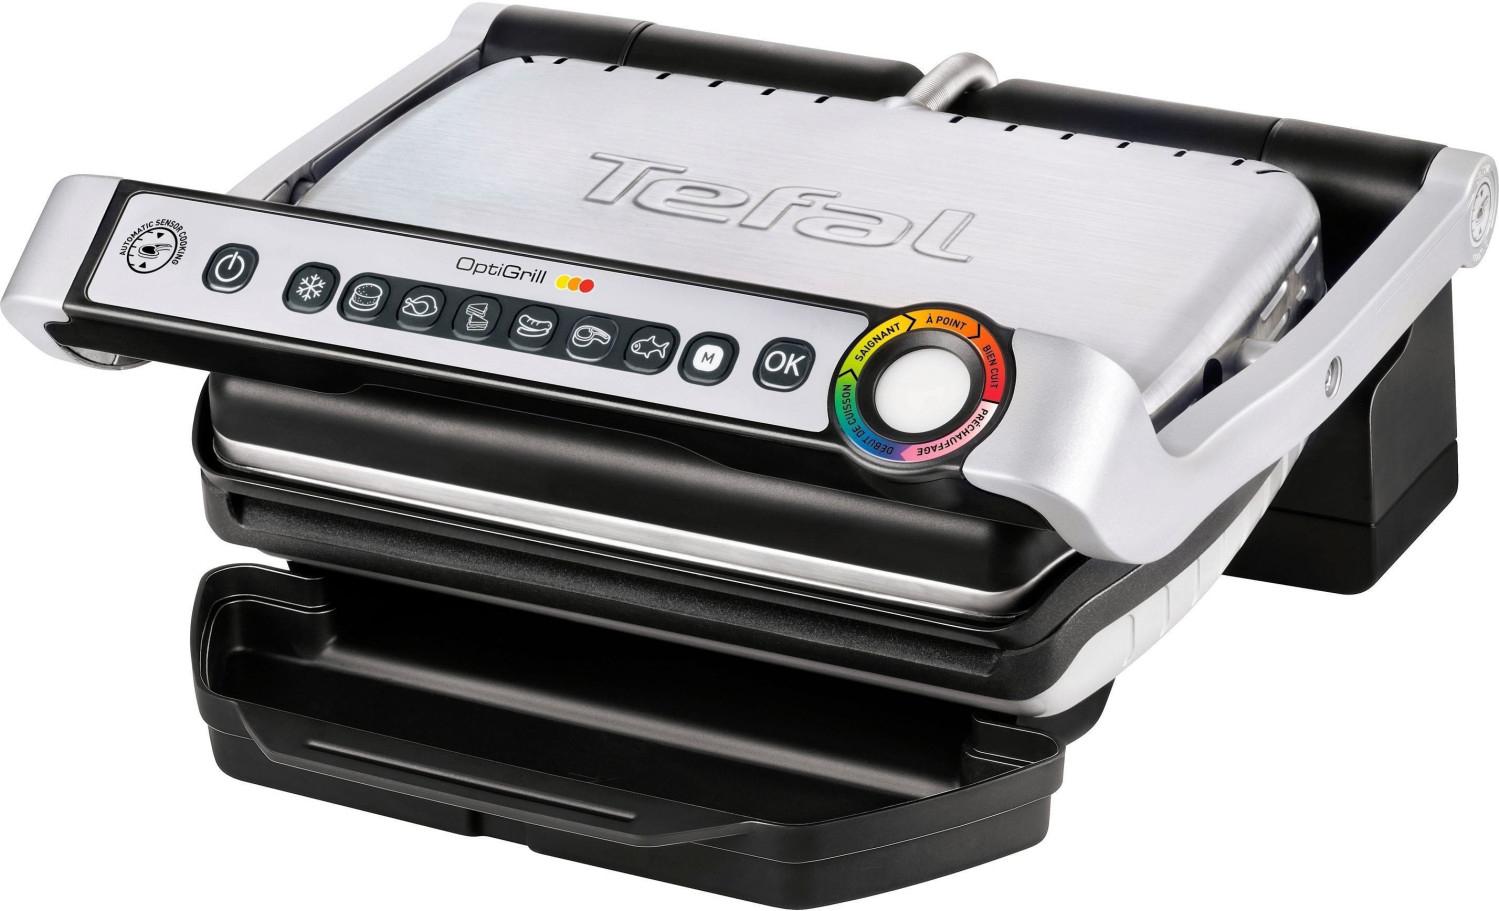 Tefal Optigrill GC 702D, Edelstahl-Ausführung, 2.000 Watt mit Burger-Presse für 77 Euro [Rewe]